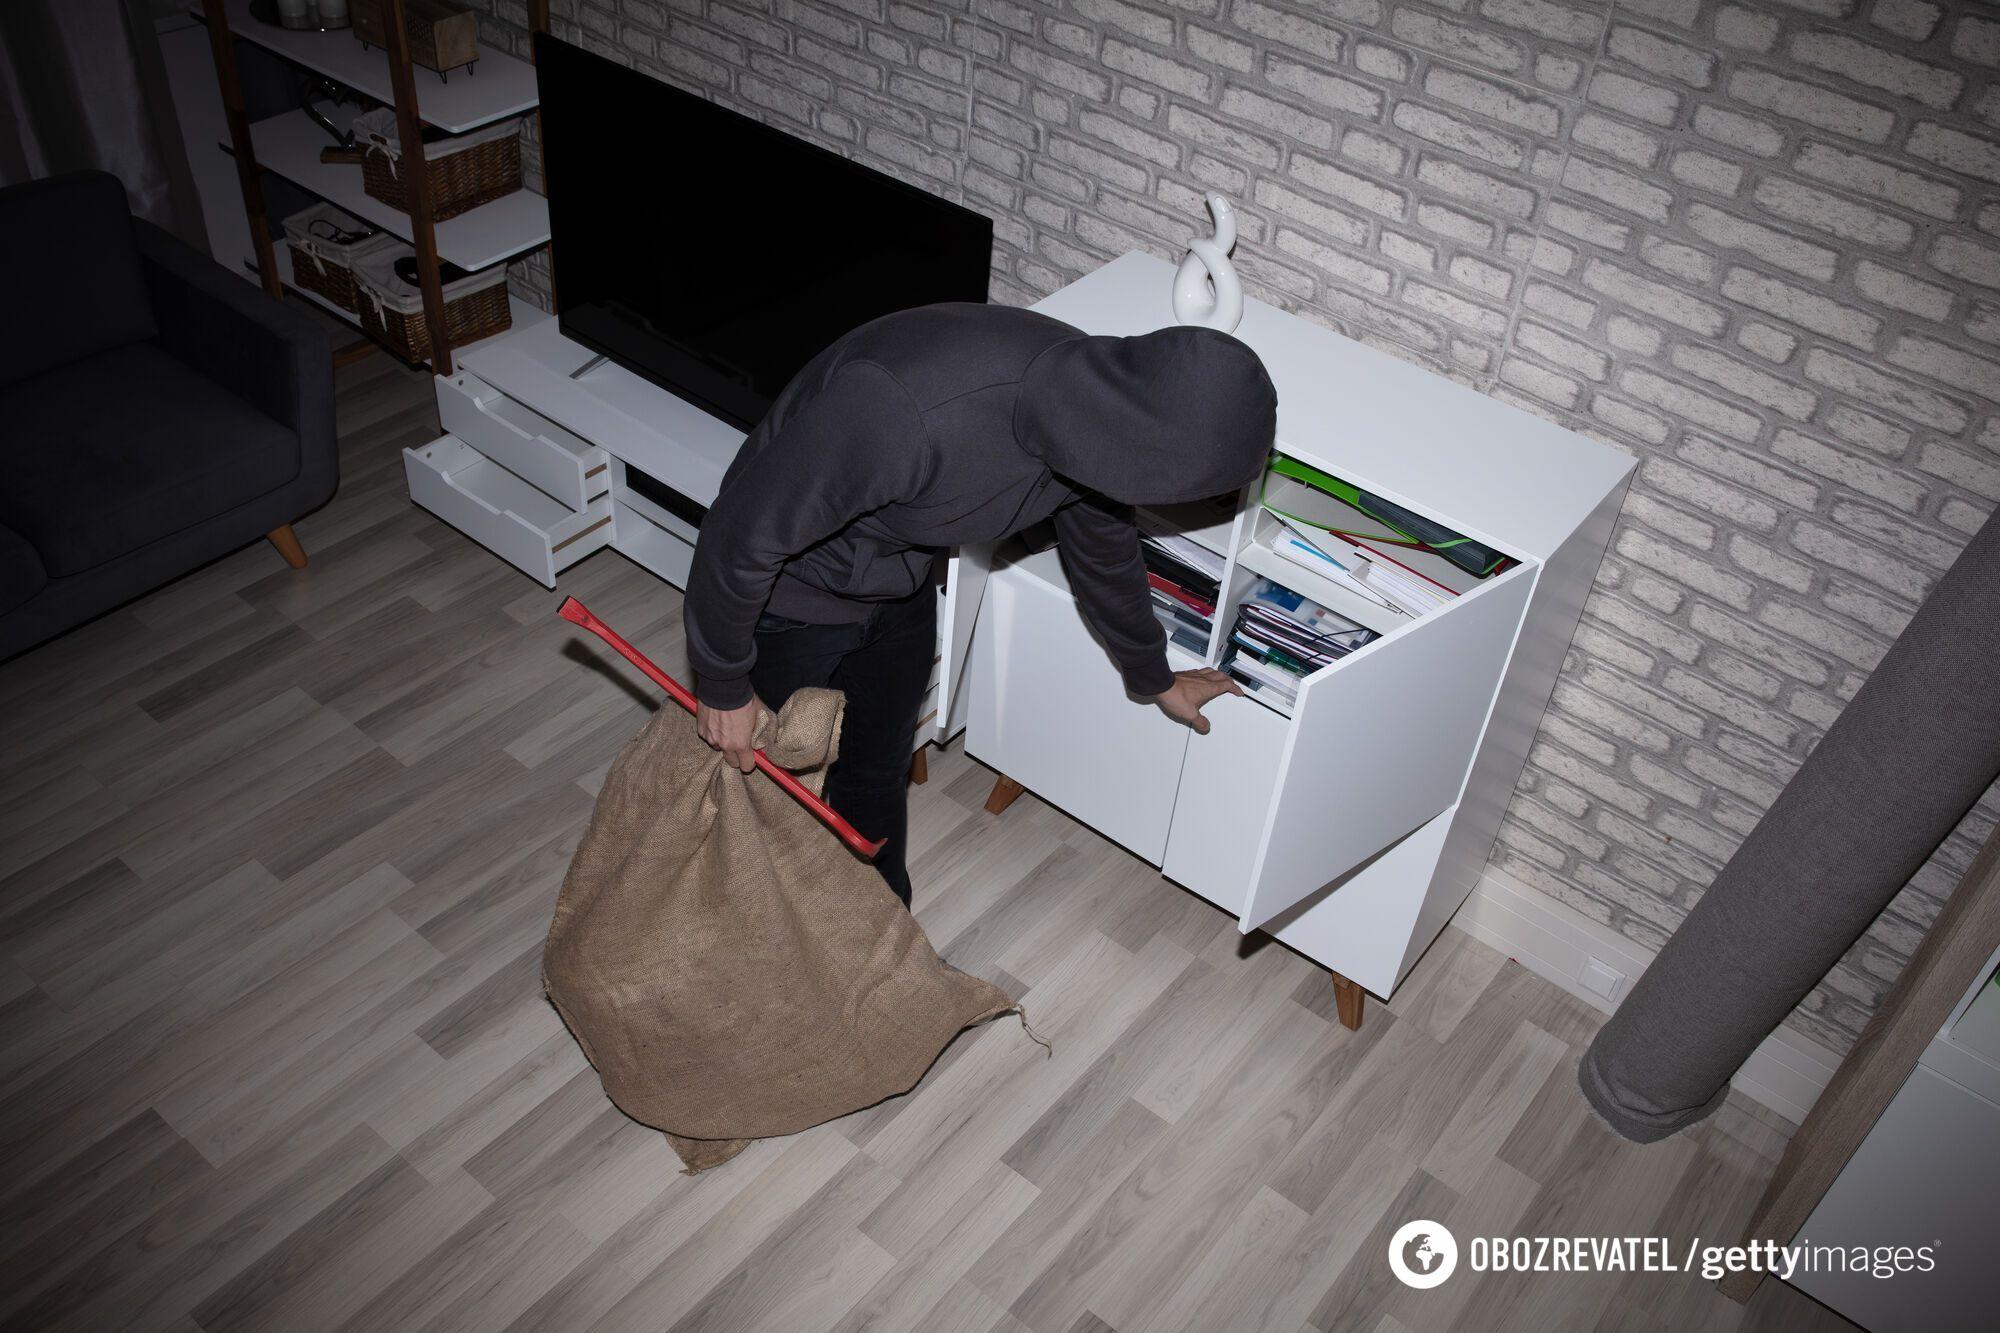 Пока один преступник отвлекает хозяев квартиры, другой ищет ценные вещи